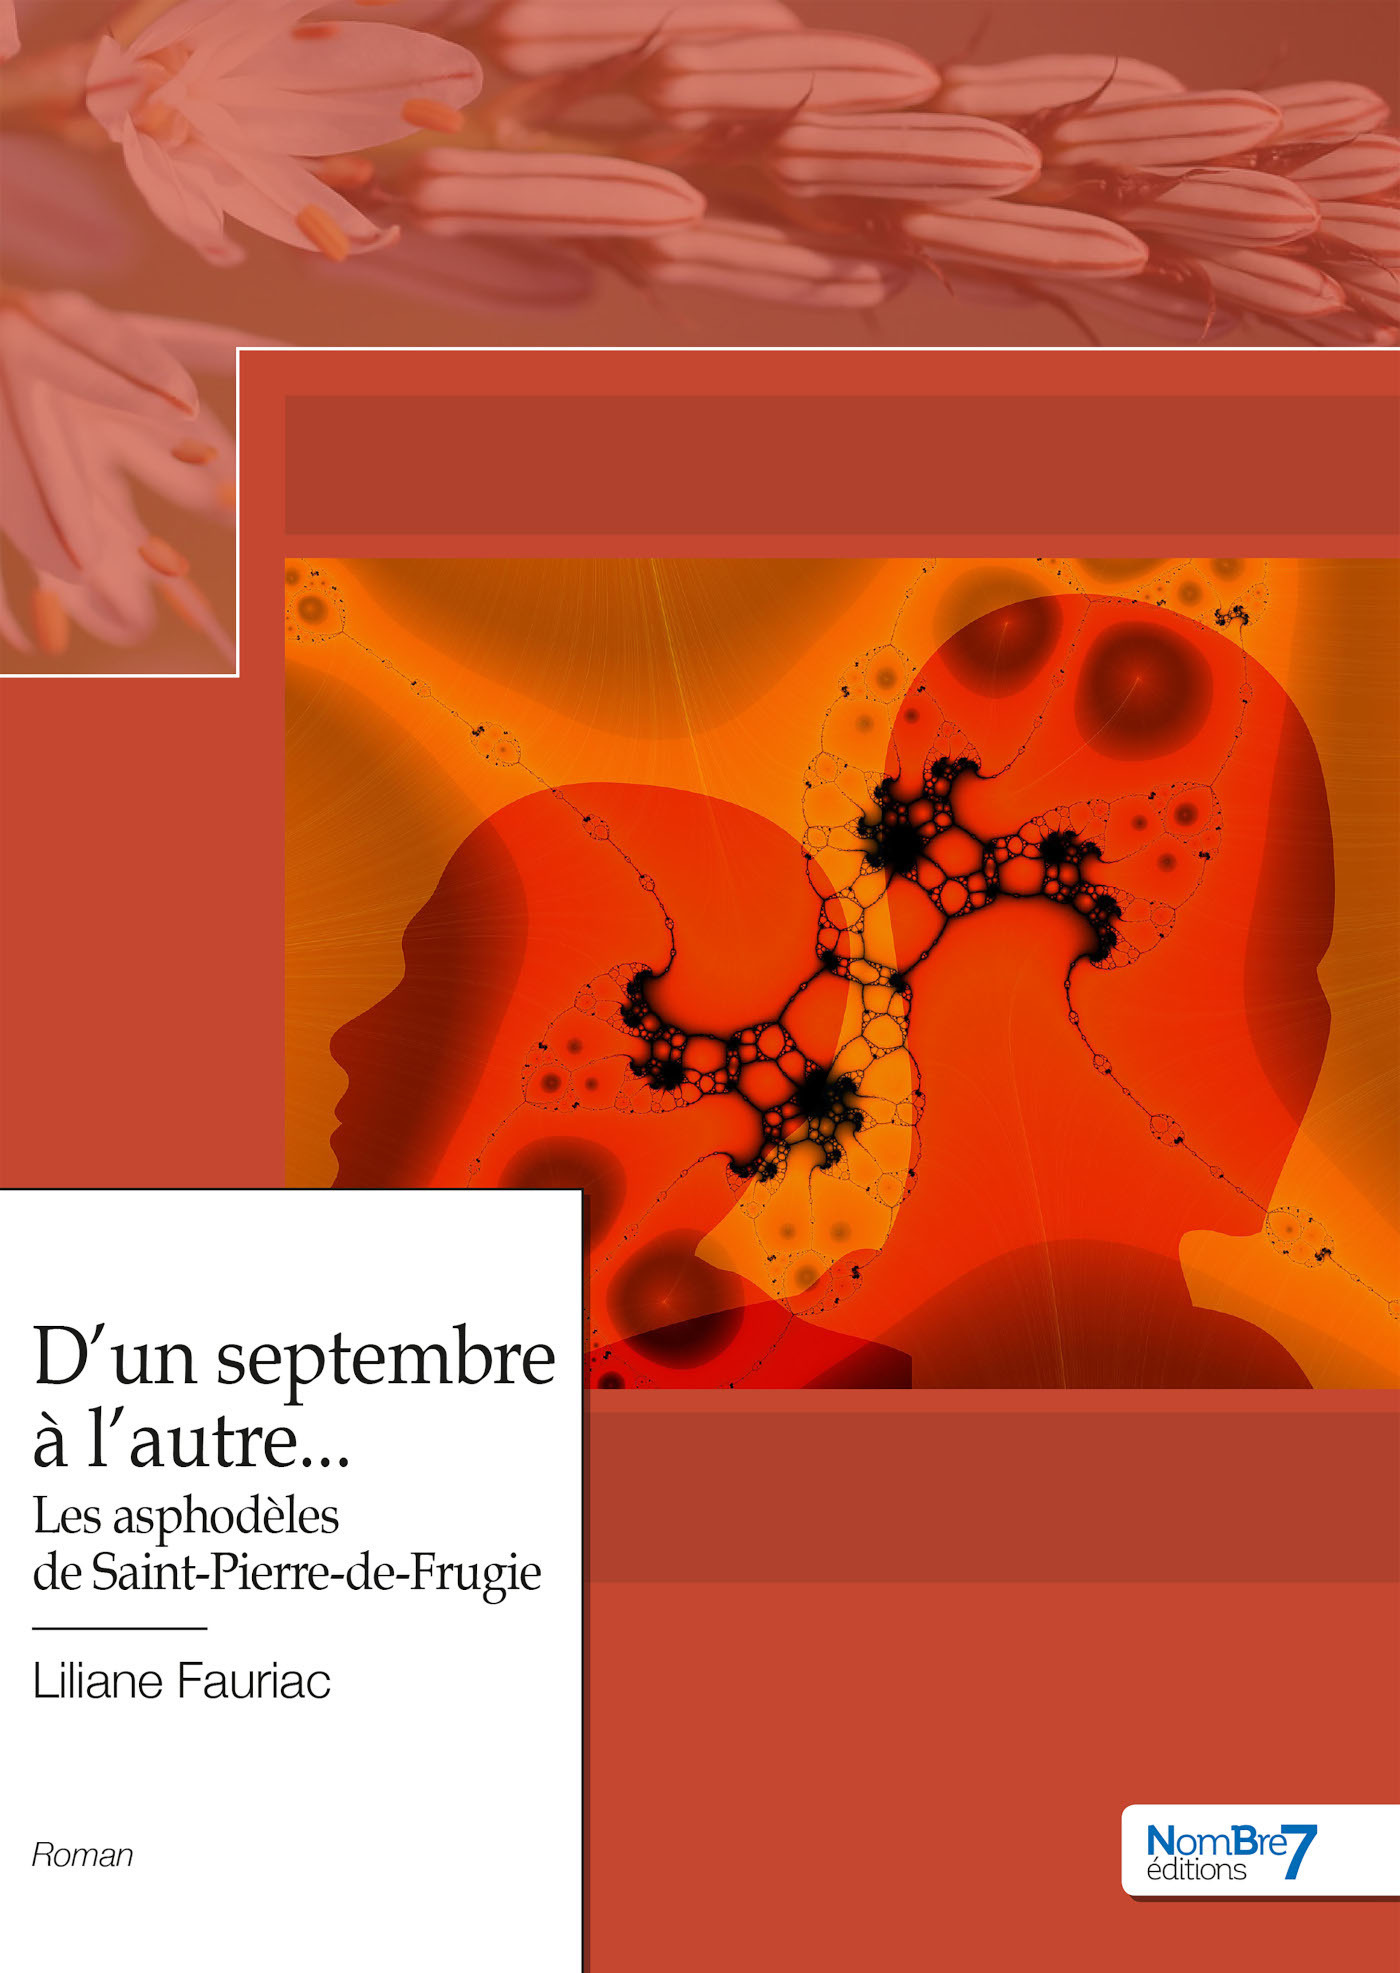 D'un septembre à l'autre...  - Liliane Fauriac